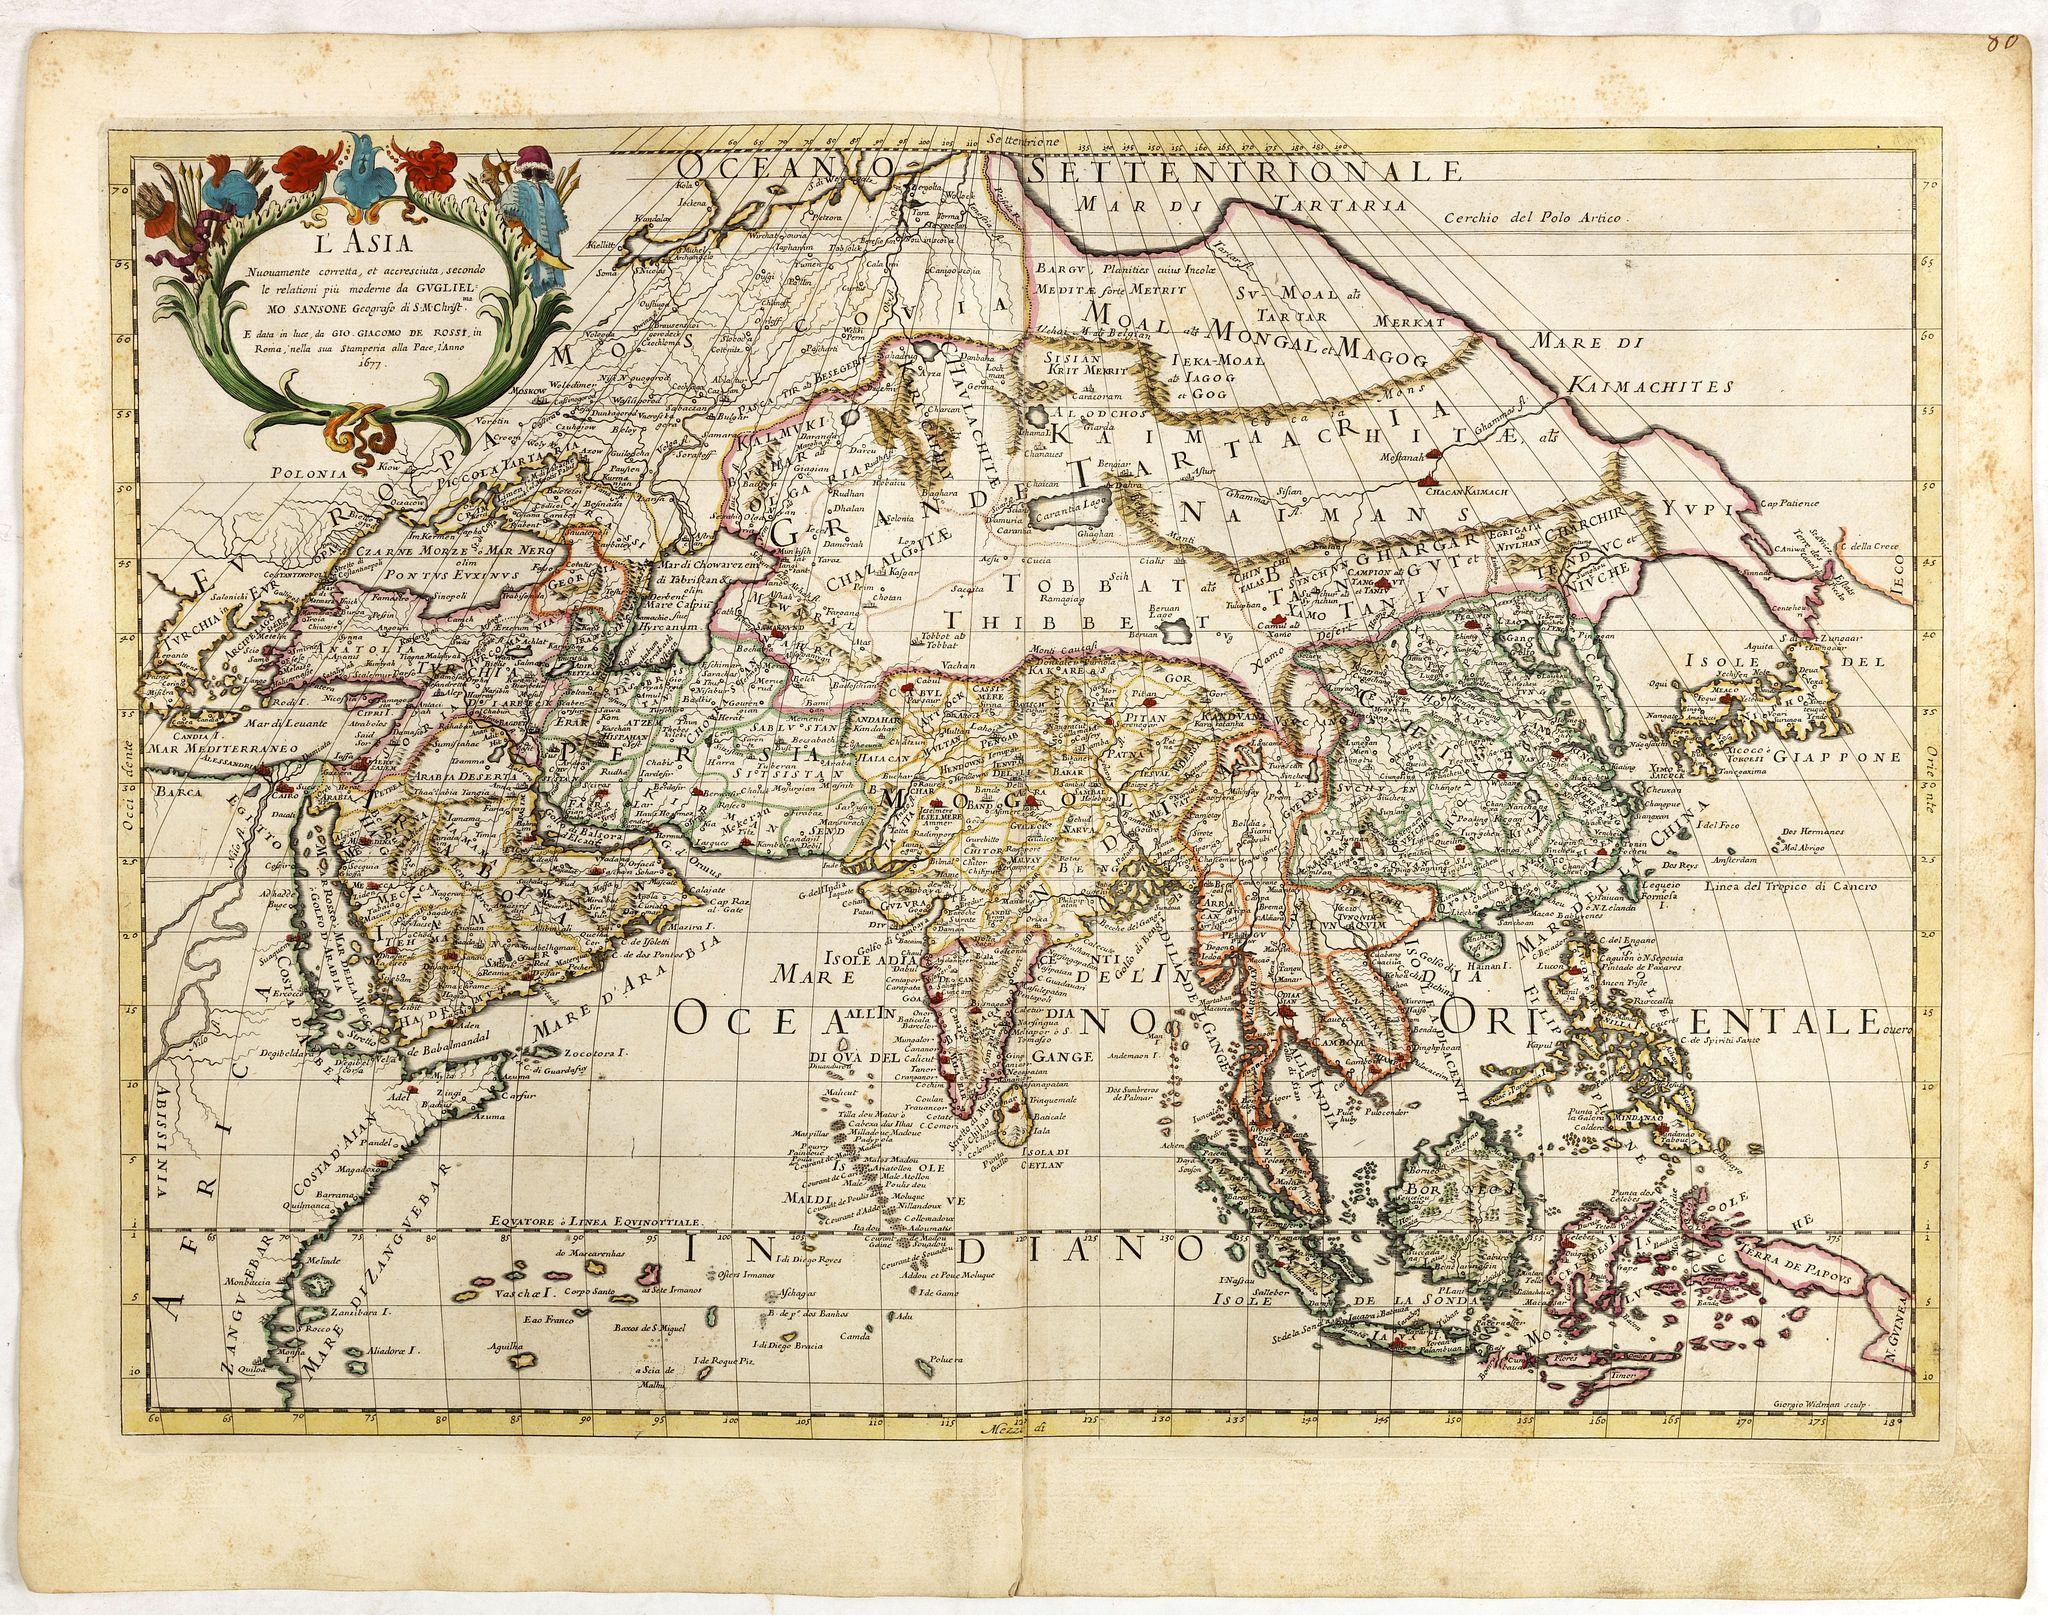 DE ROSSI, G. -  L'Asia Nuovamente corretta et accresciuta, secondo le relationi piu moderne da Guglielmo Sansone . . . 1677